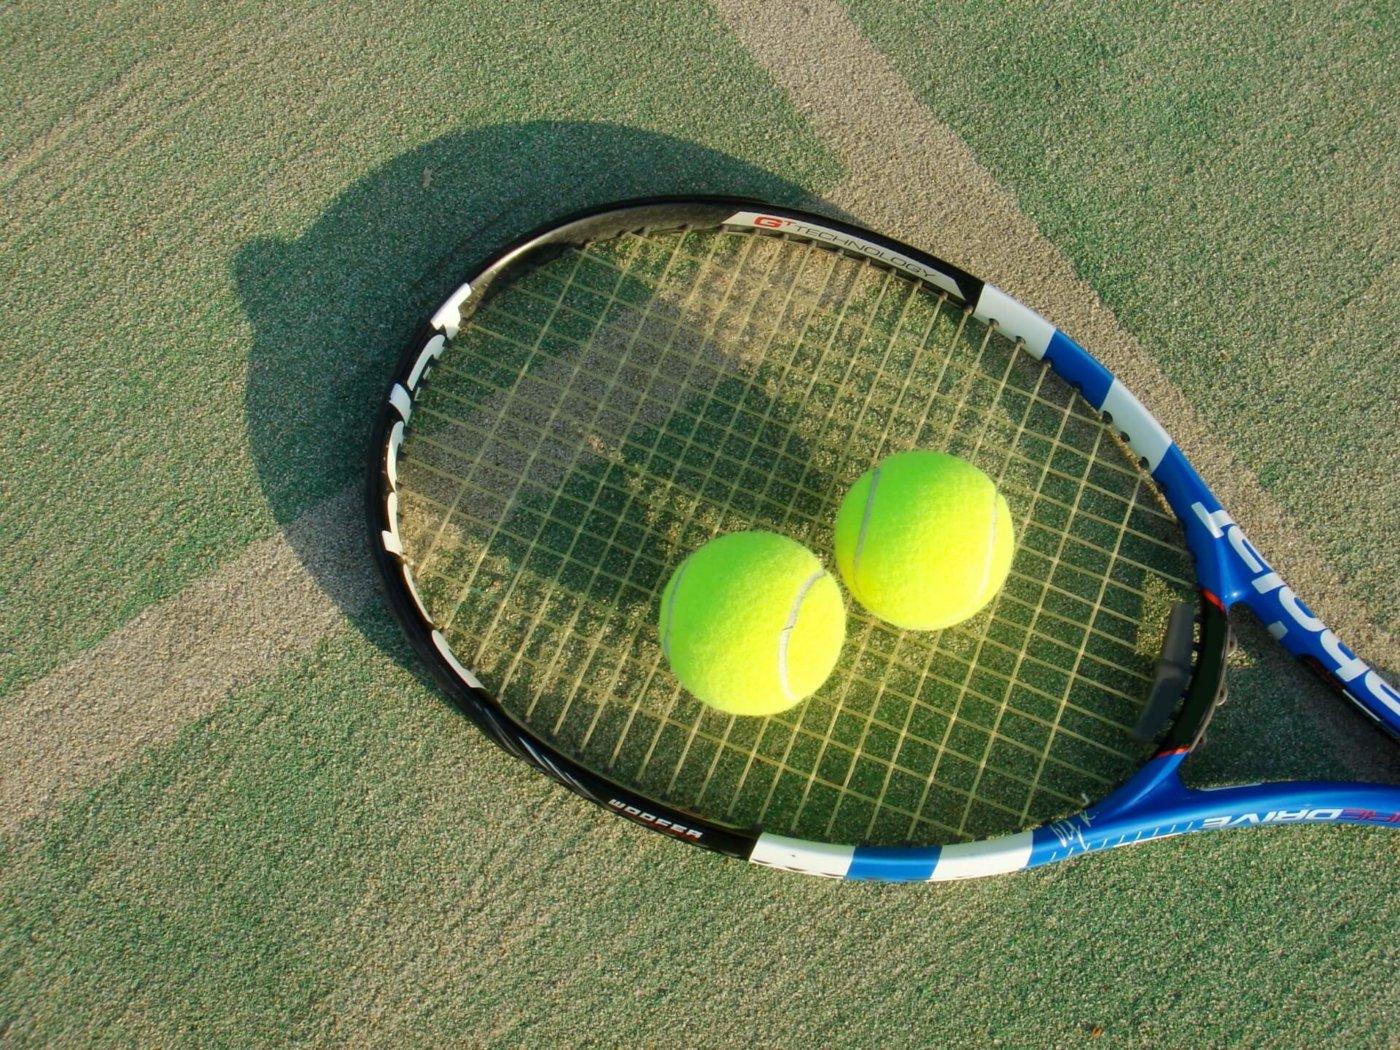 テニスサークルを探すなら?見つける方法とコツ